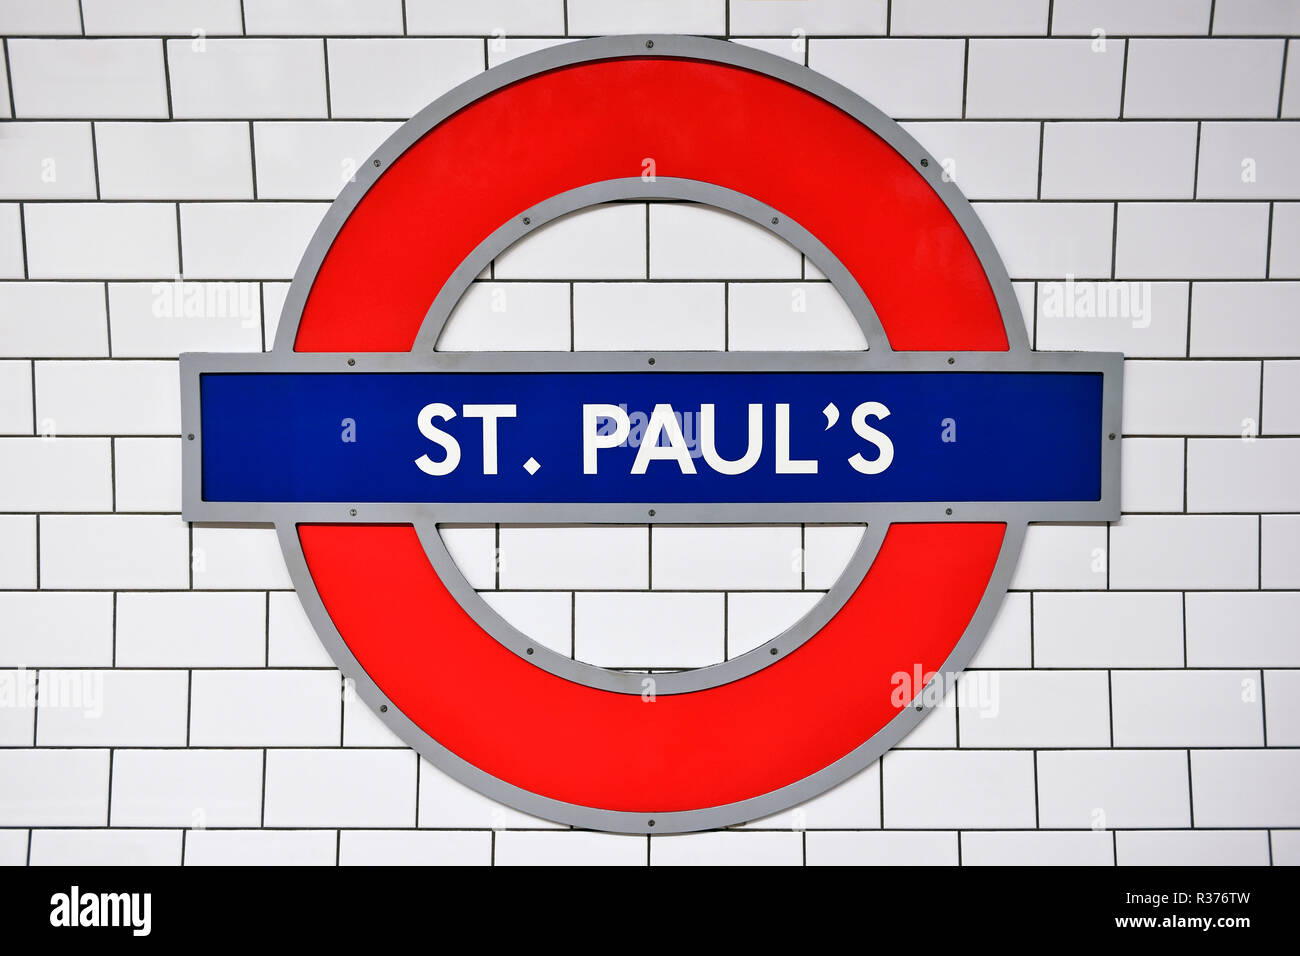 St Pauls Underground Station Sign, London, United Kingdom - Stock Image